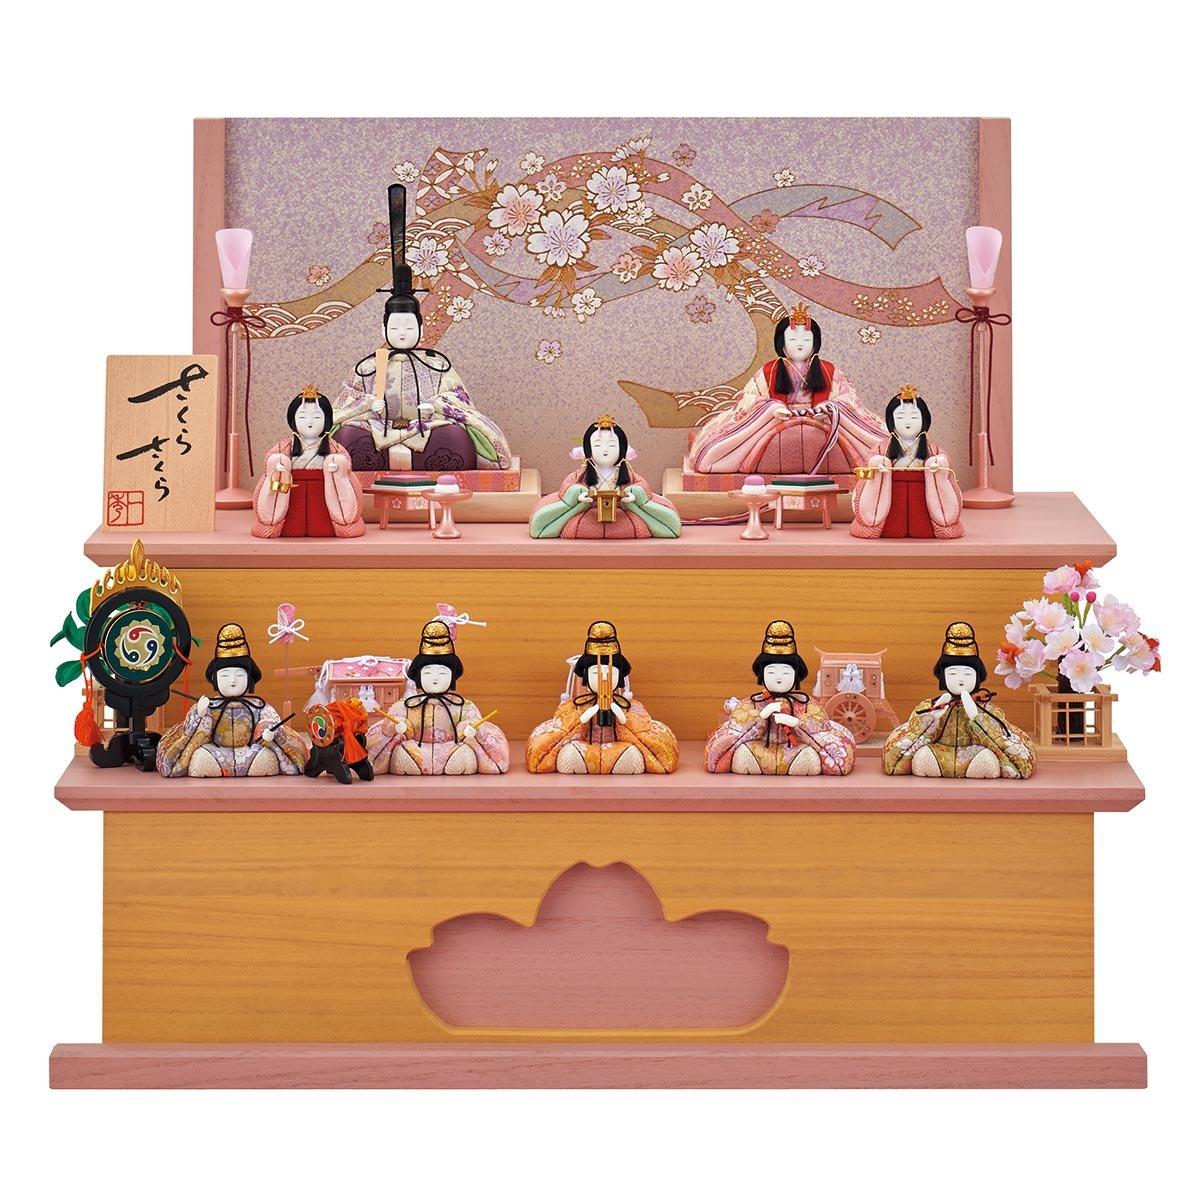 雛人形 一秀 さくらさくら 十人飾り 17号 二段桐収納セット HNIS-C-115 木目込み ひな人形 コンパクト   B078K55P41